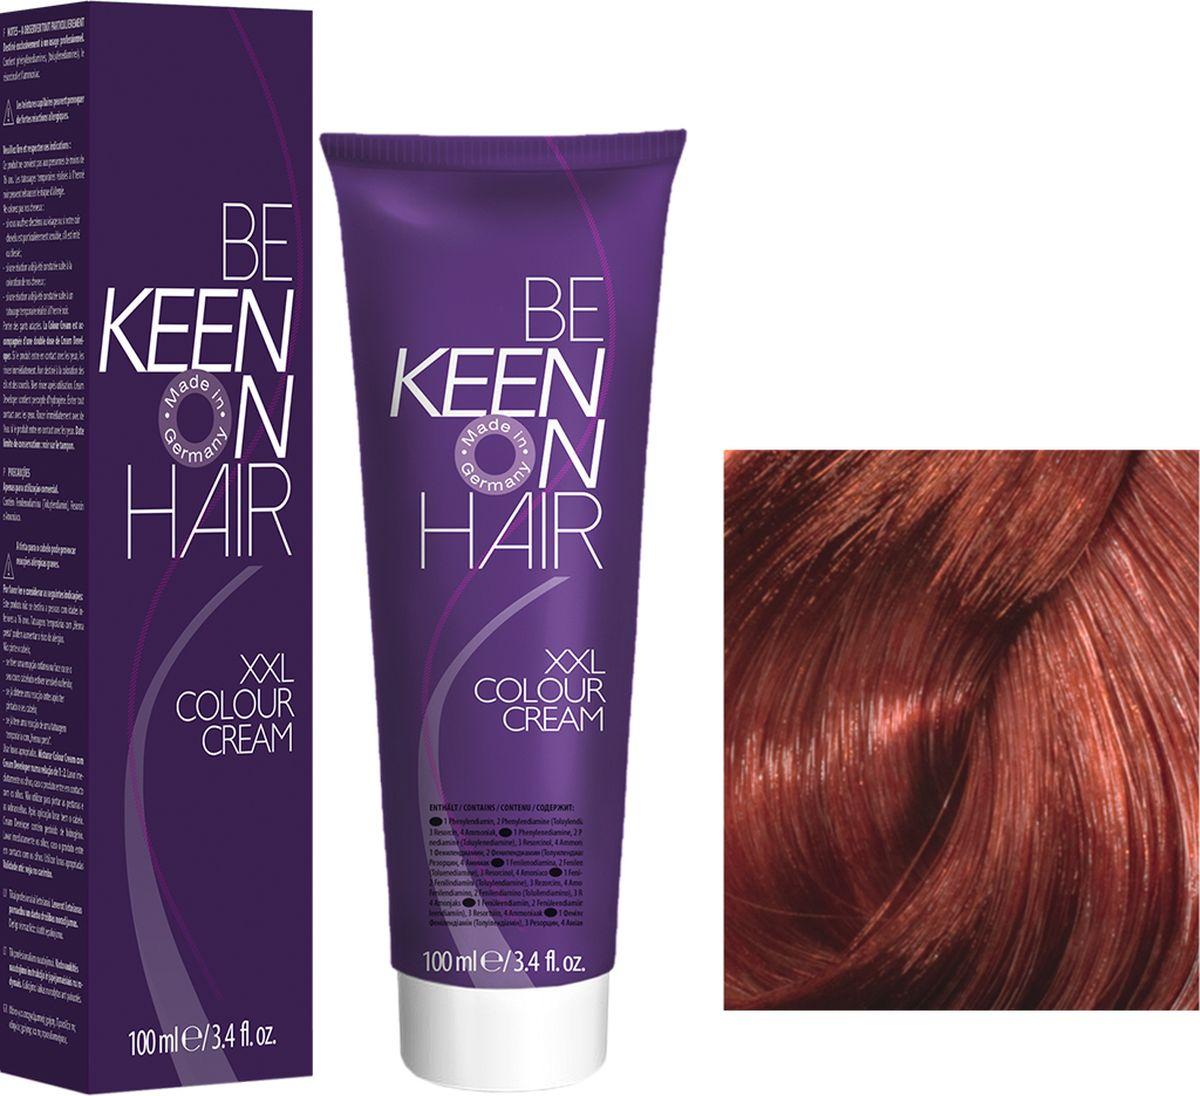 Keen Краска для волос 0.4 Медный Mixton Kupfer, 100 мл12000412МИКСТОНА используют для:Усиления интенсивности соответствующих цветовых нюансовКорректировки цветаИзменения направления цвета